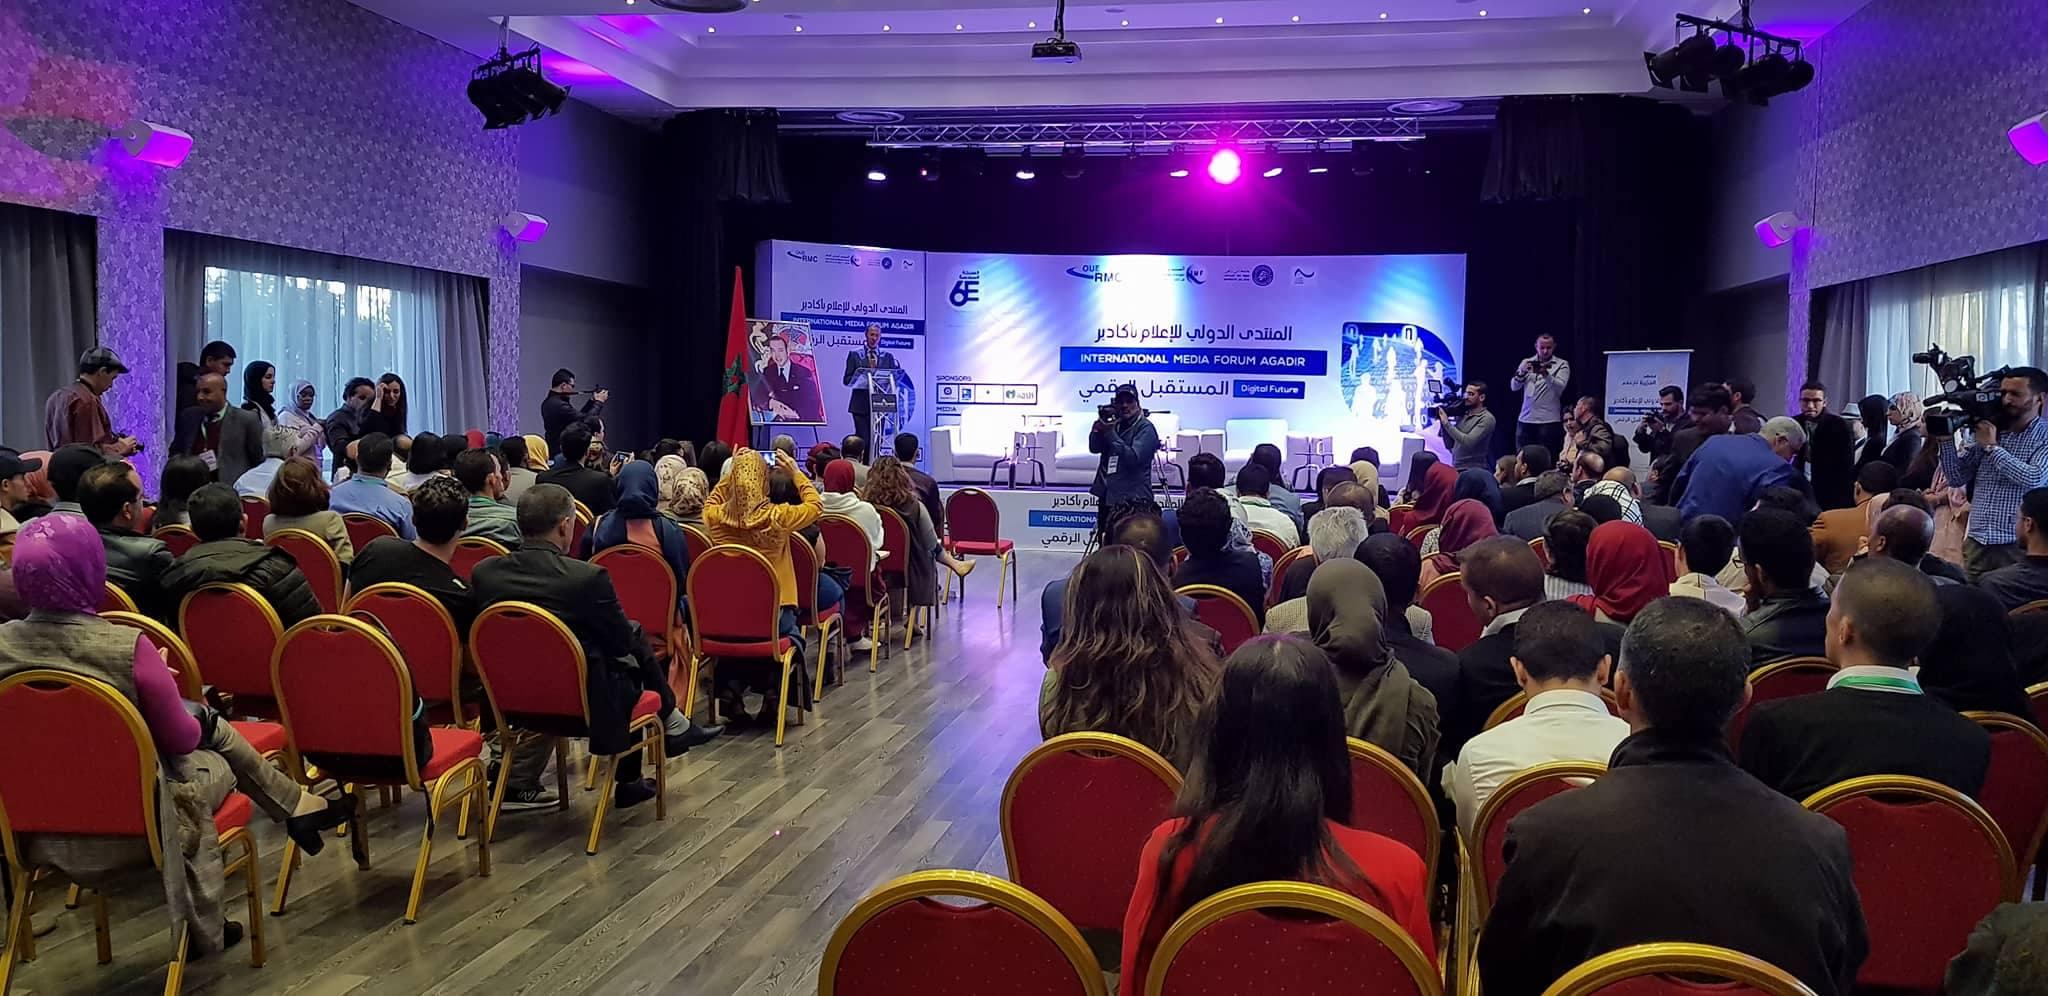 توقيع اتفاقية شراكة بين جامعة ابن زهر ومعهد الجزيرة  للاعلام